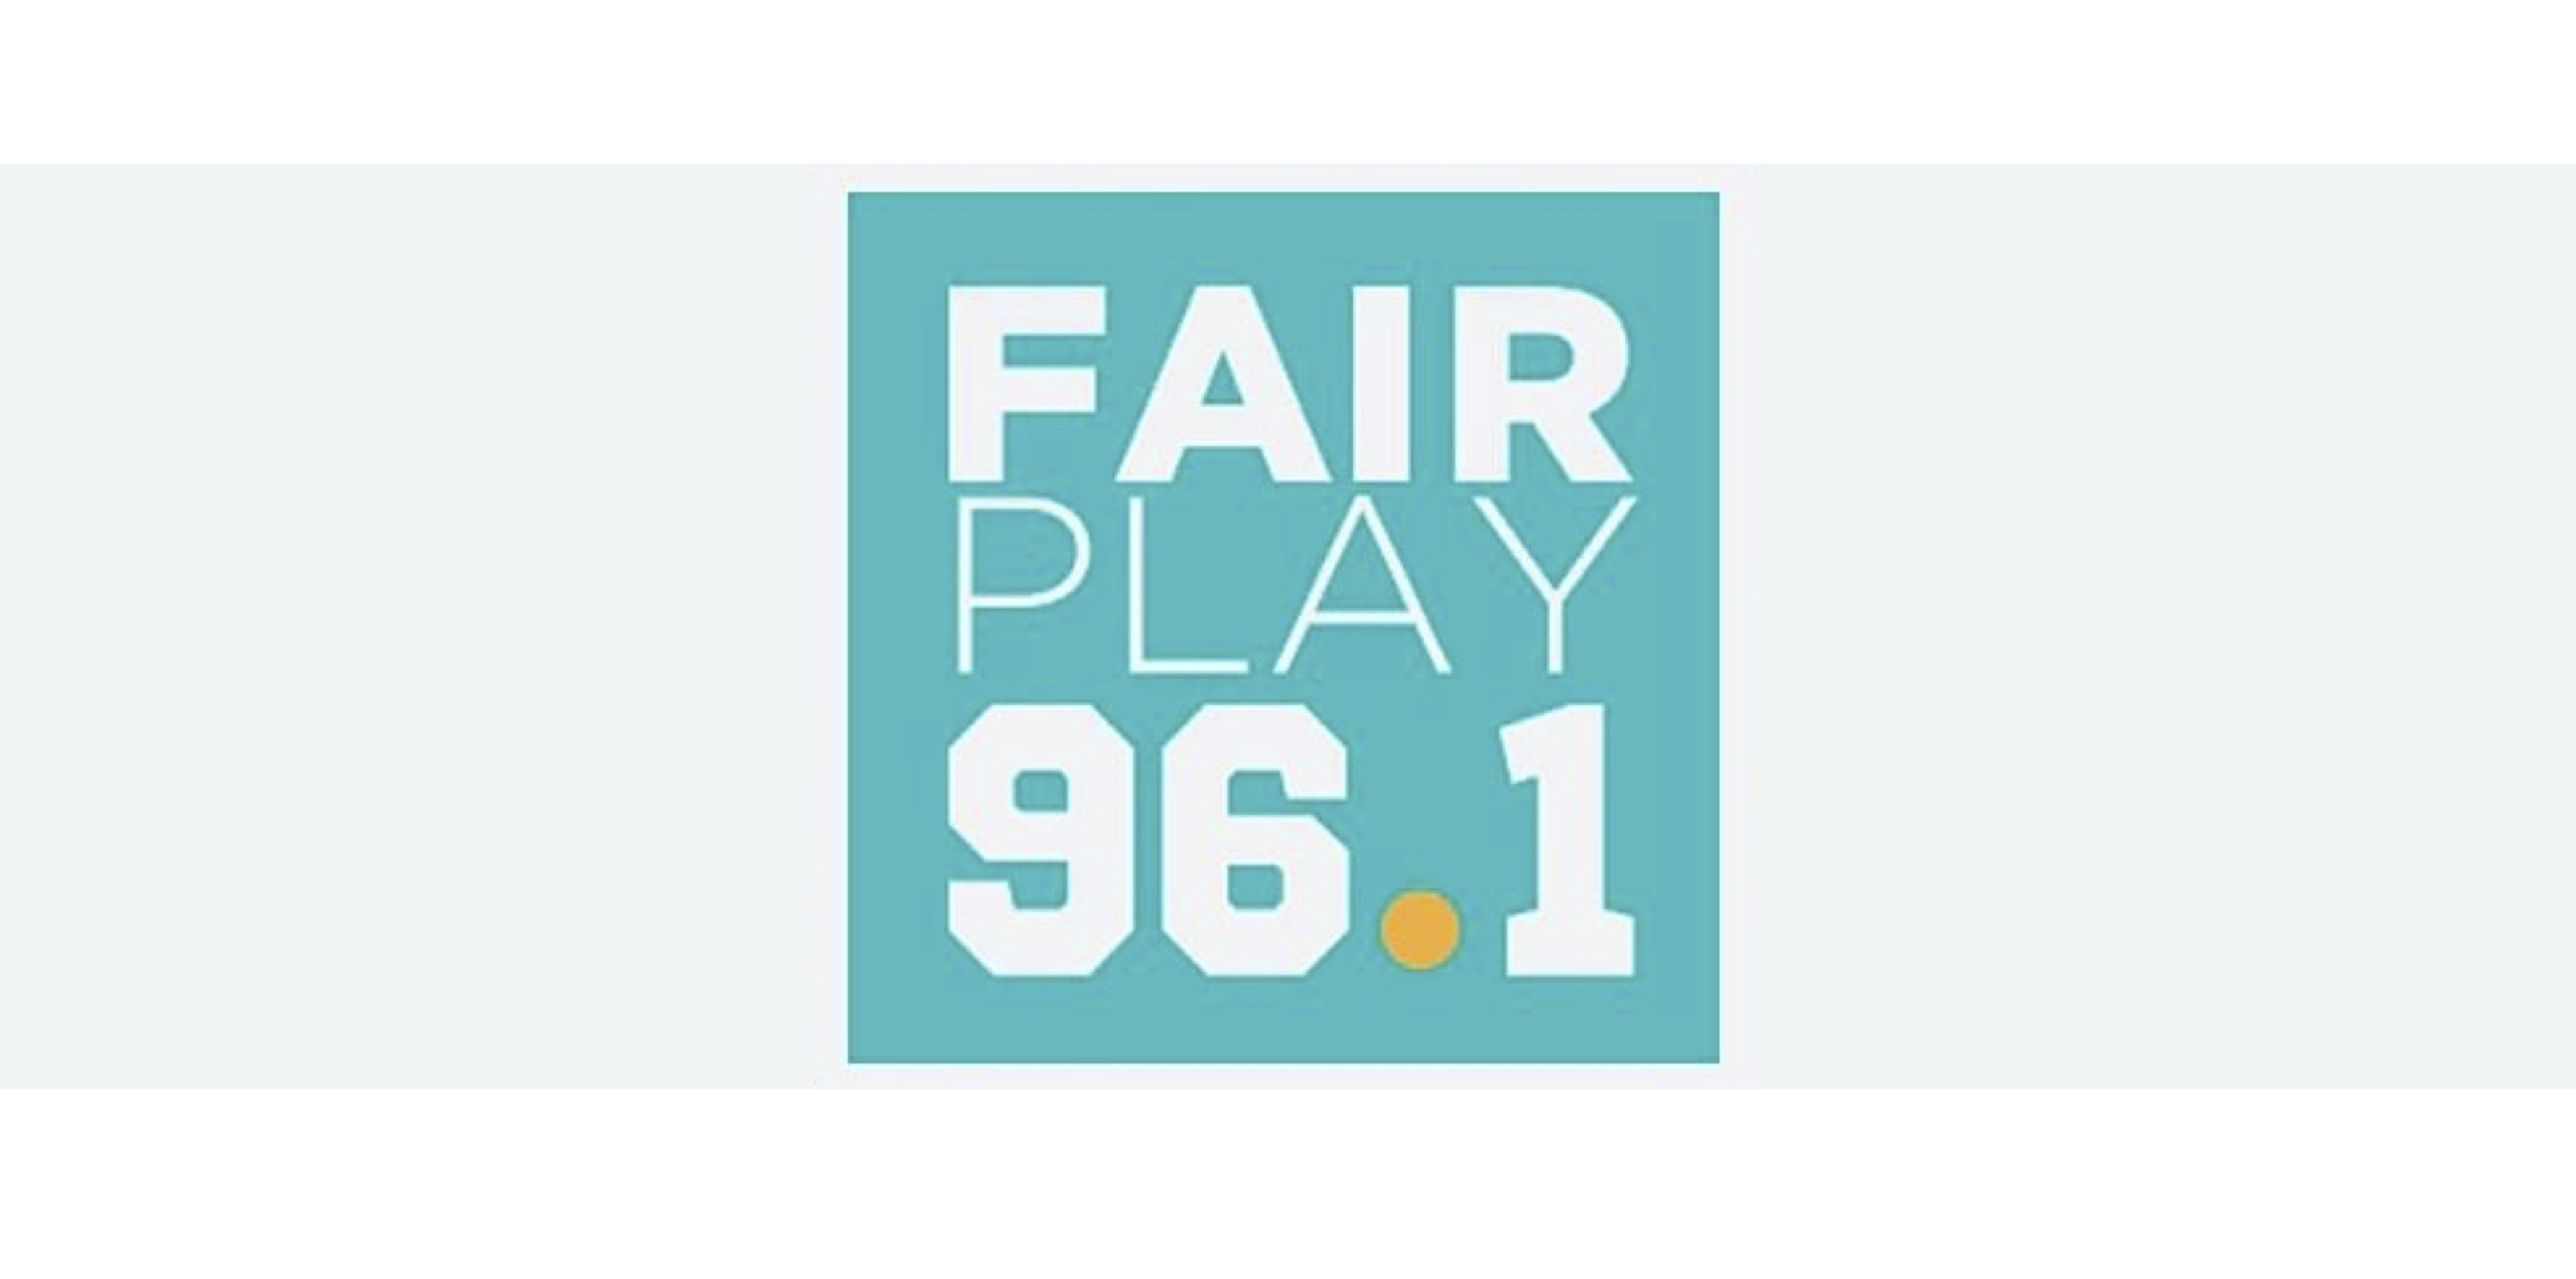 Συνέντευξη Κων. Ζέρβα στο Fair Play FM για την στασιμότητα στην ανάπτυξη της Θεσσαλονίκης